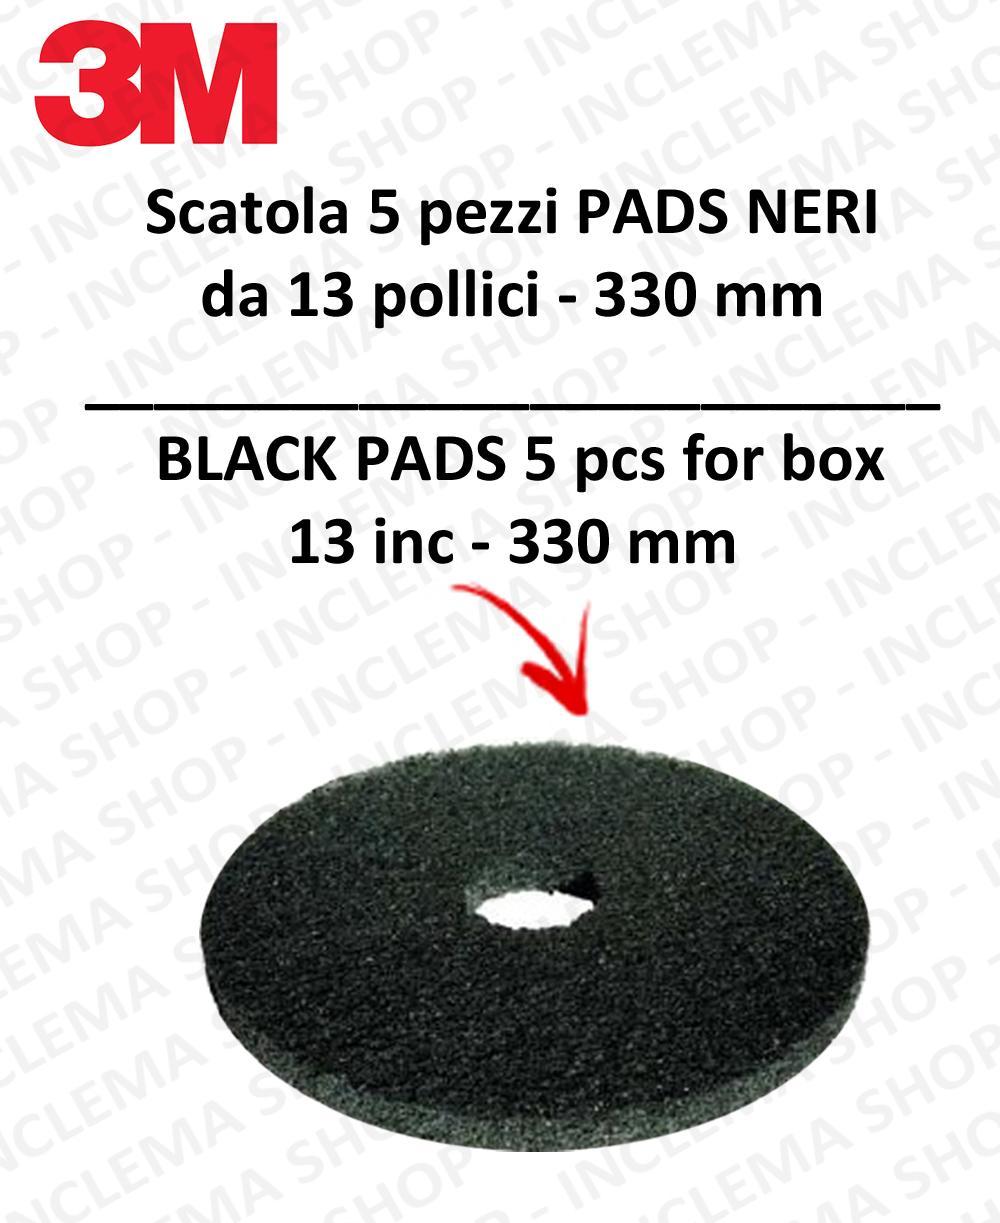 PAD 3M 5 PEZZI color Nero da 13 pollici - 330 mm lavapavimenti e monospazzole